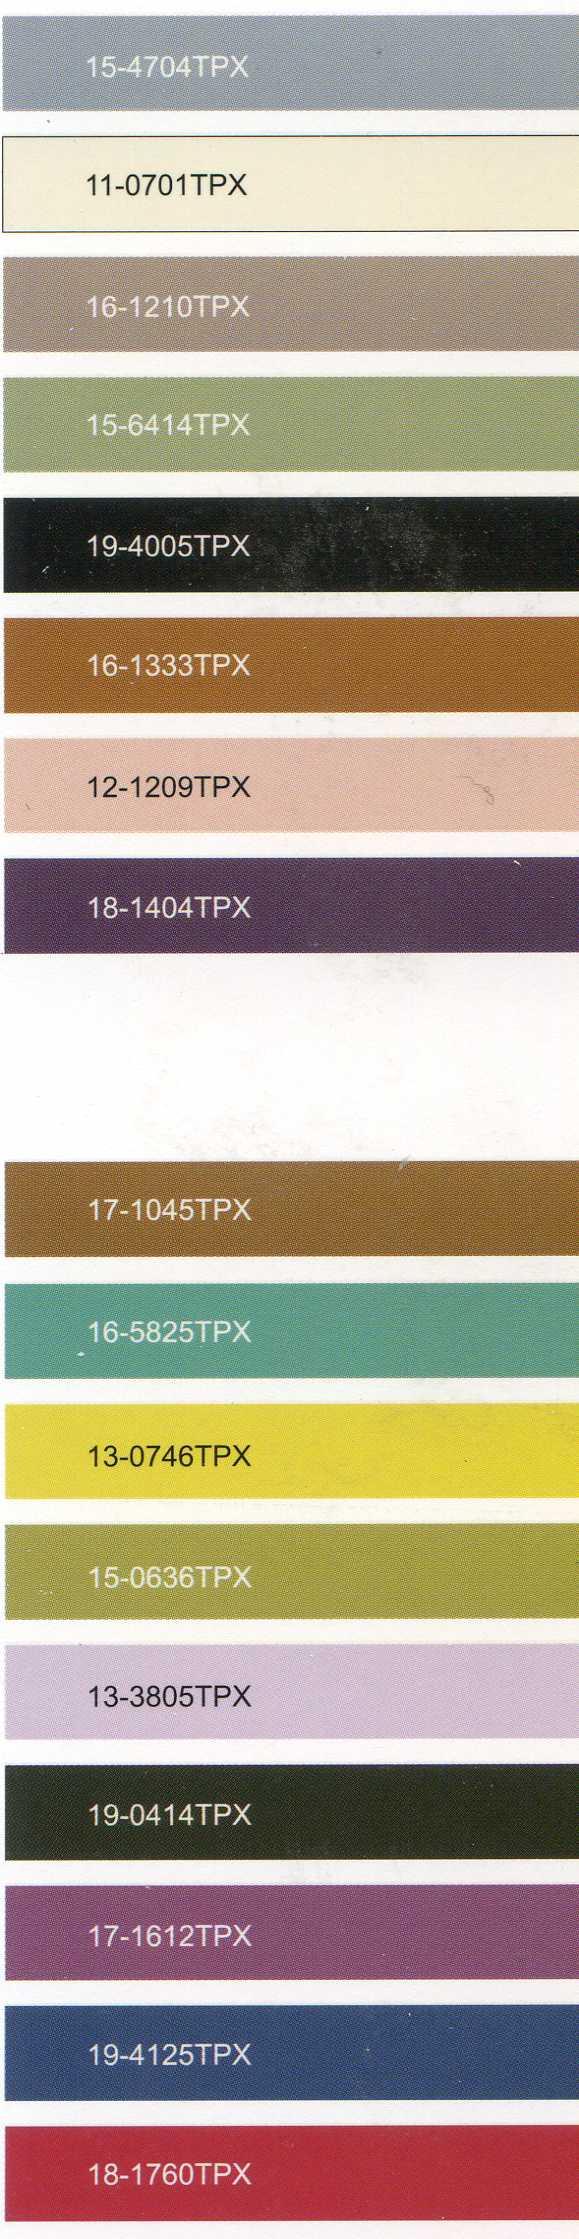 植物黑,橄榄灰,暗绿色,桉树灰,暗沉的深红色,芝麻灰,矿石灰,栗棕色.